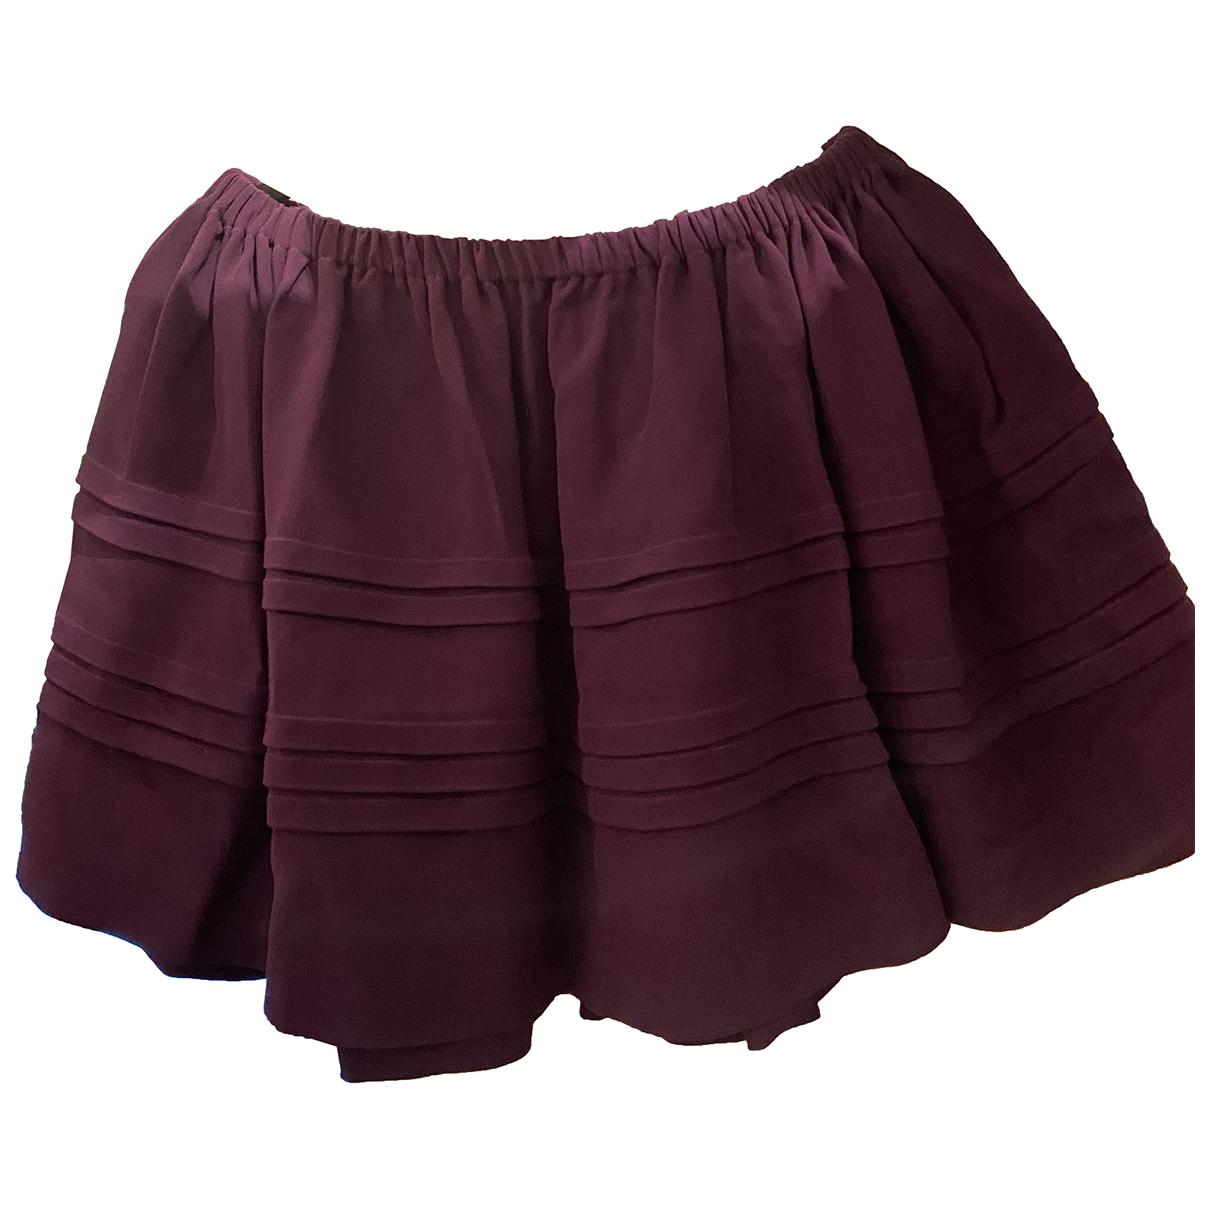 Miu Miu \N Purple skirt for Women 42 IT